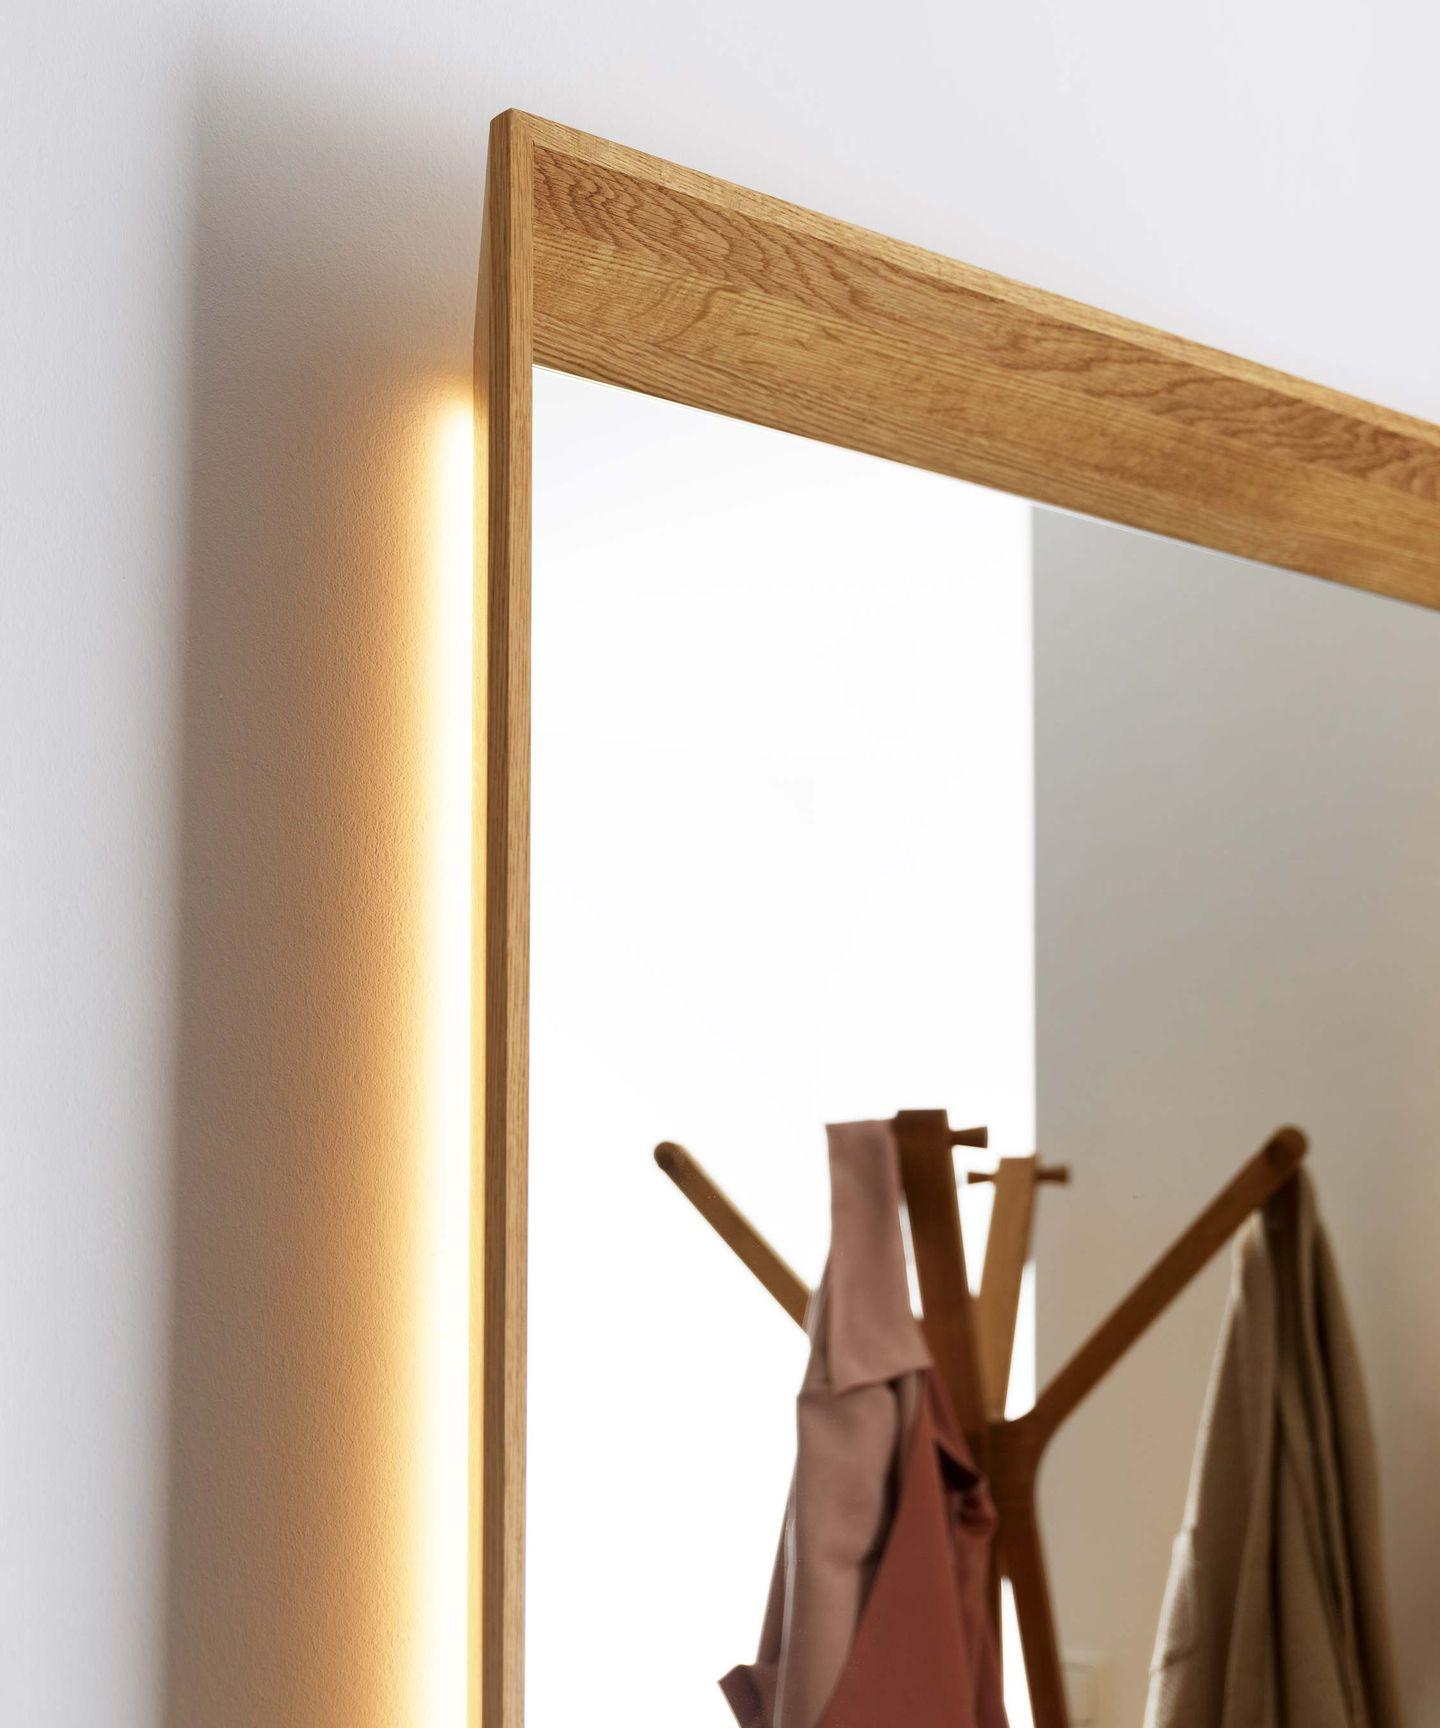 Pannello specchio haiku in rovere con illuminazione